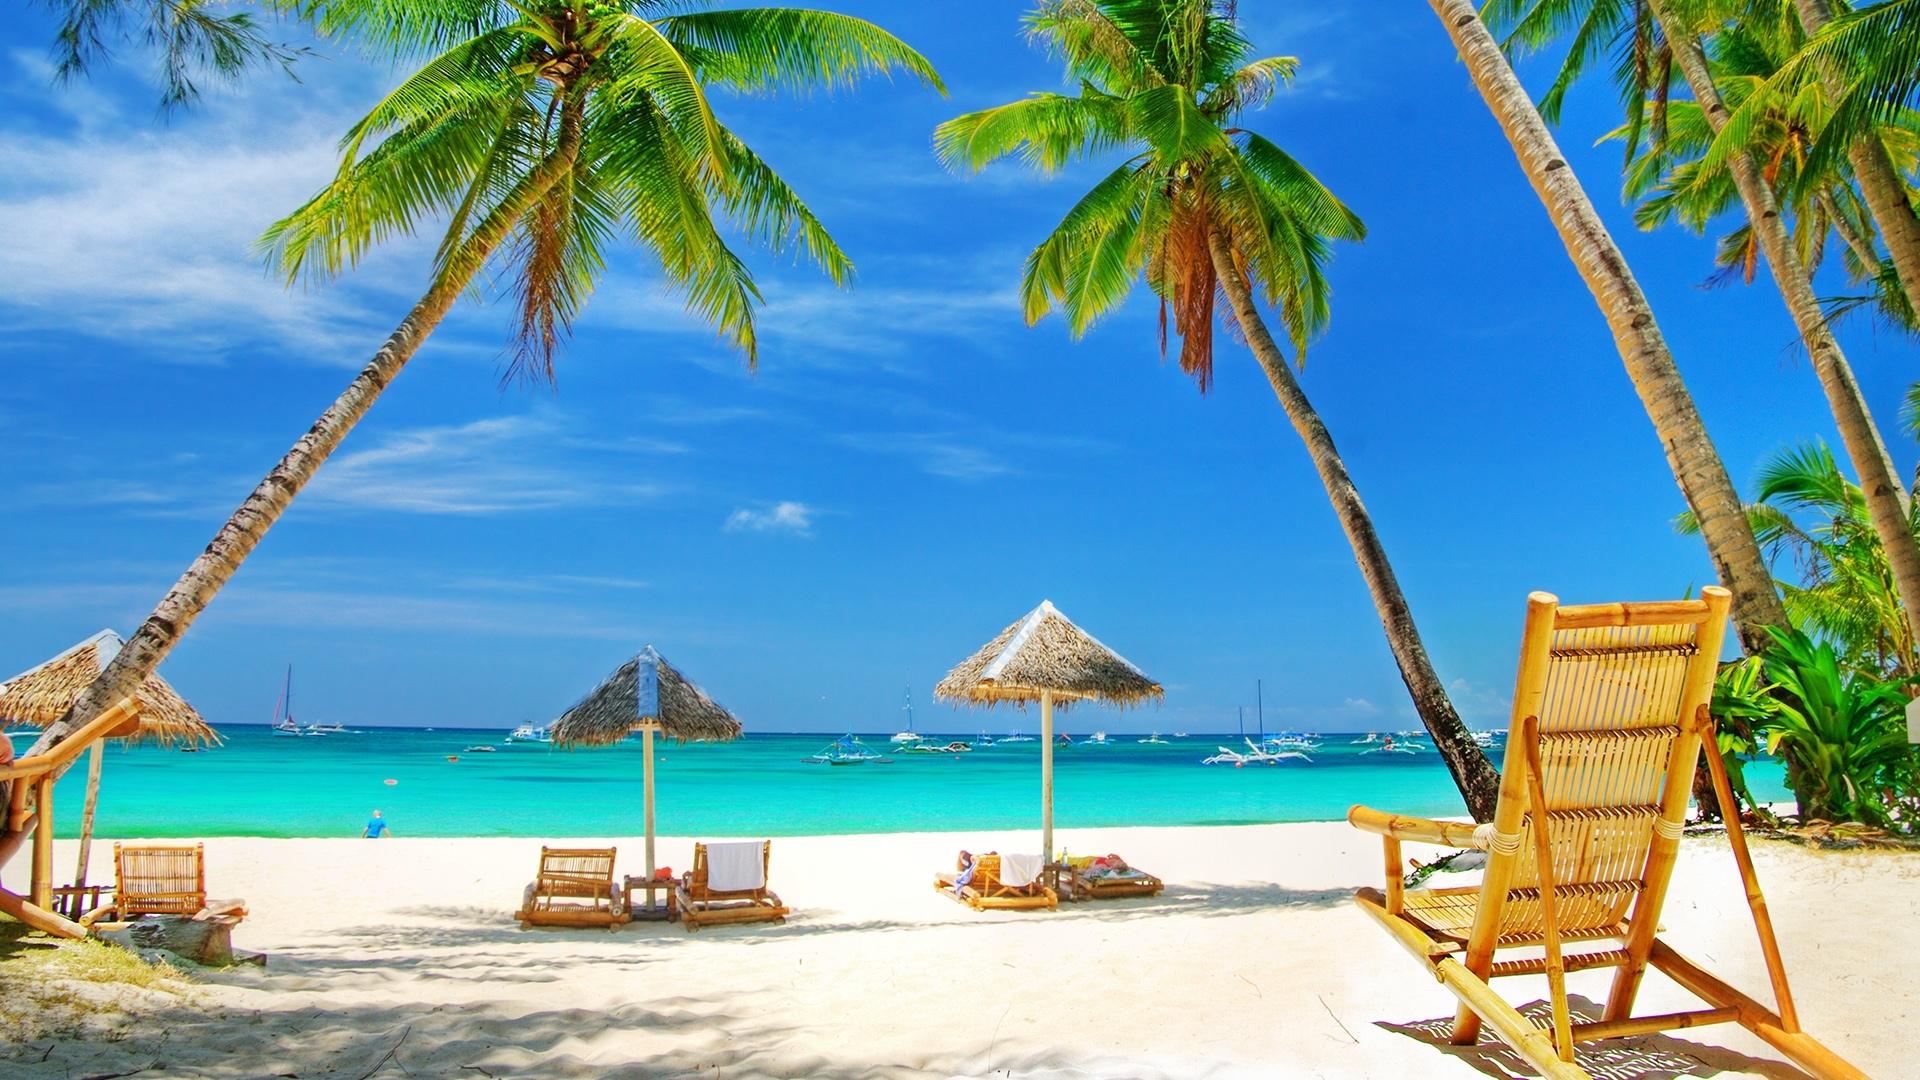 48377 скачать обои Пейзаж, Море, Пляж - заставки и картинки бесплатно